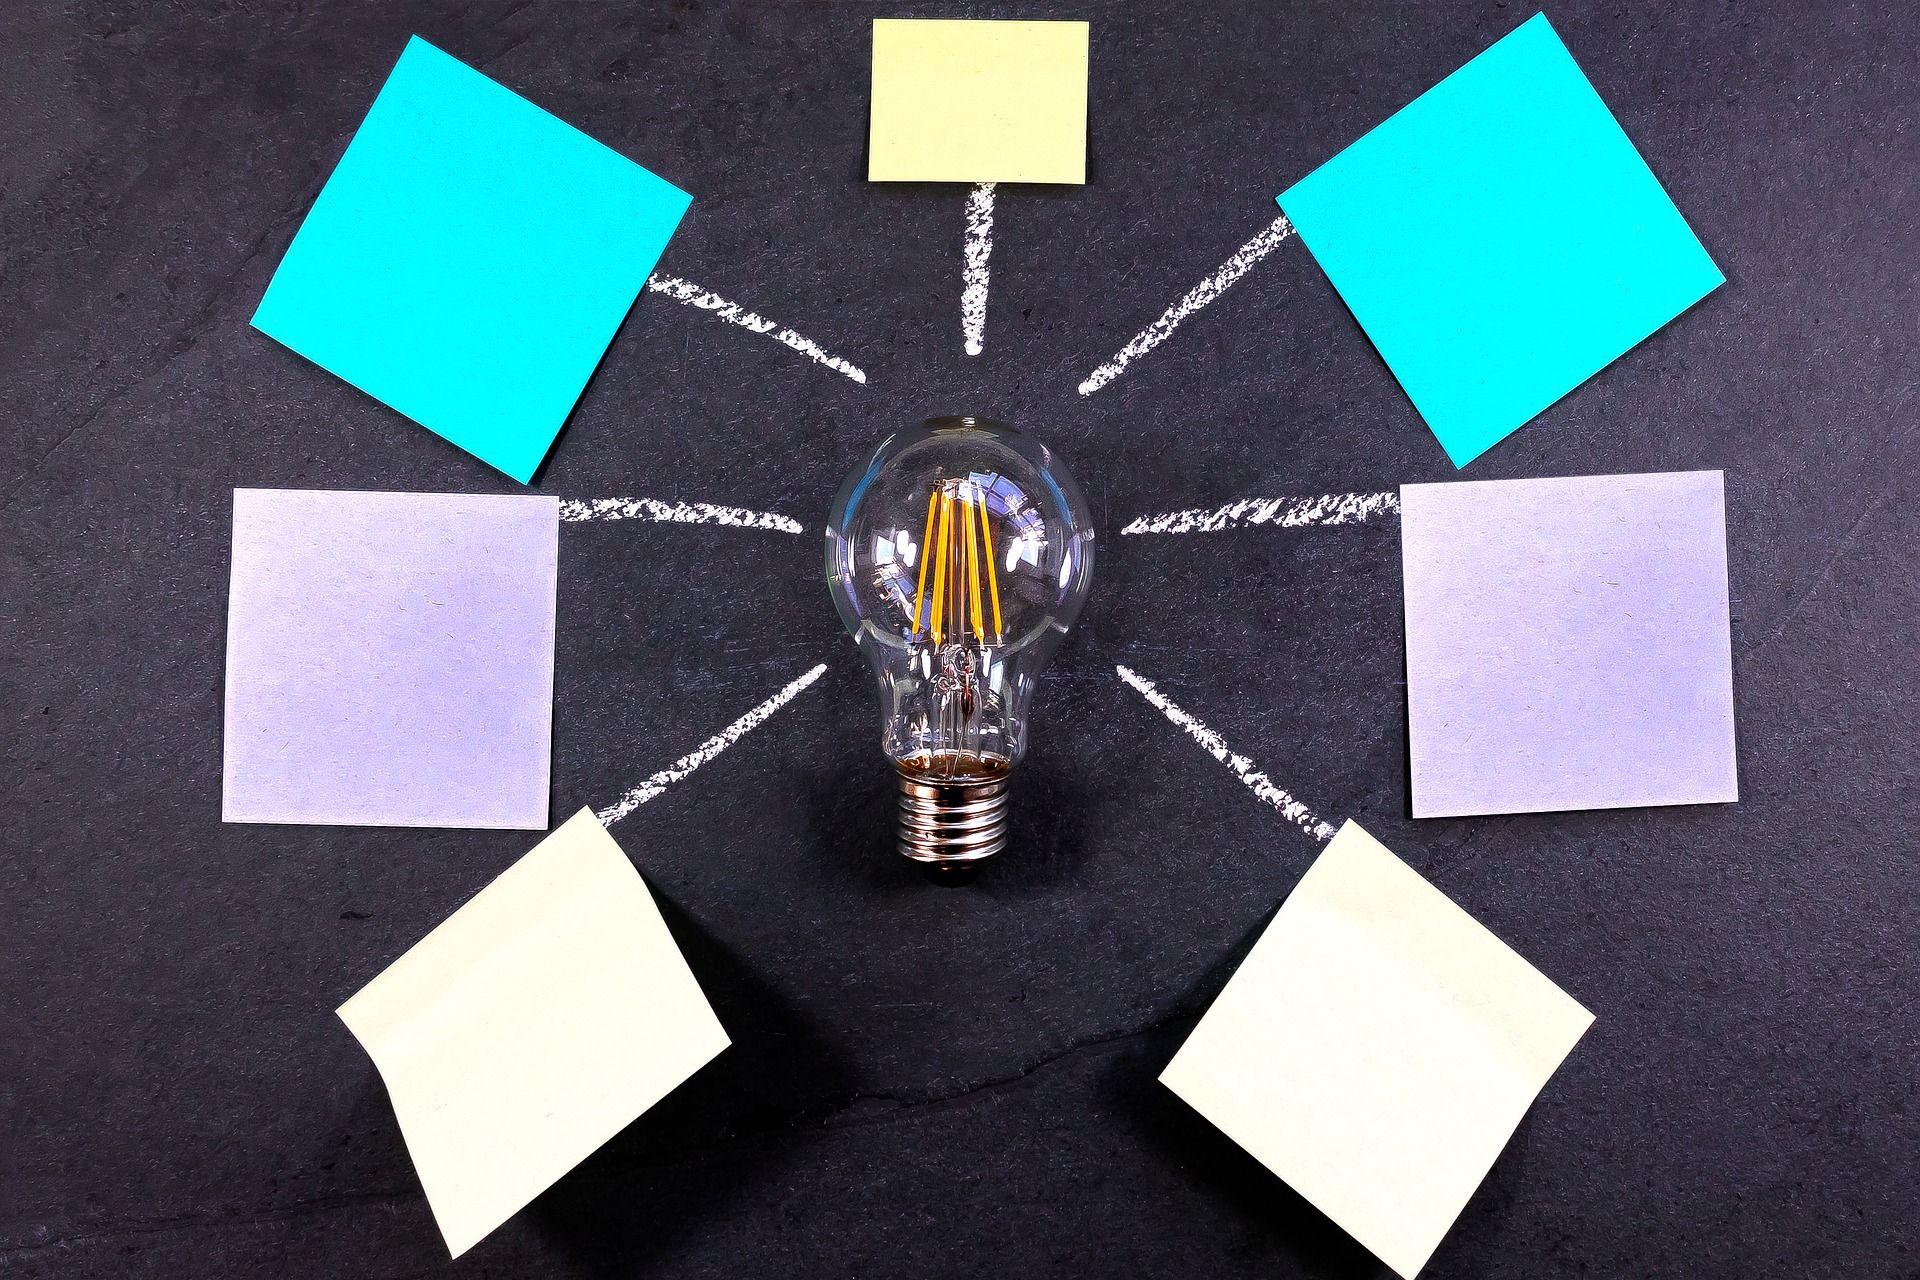 Qualifizierung wissenschaftlicher Innovationsbotschafter:innen erfolgreich abgeschlossen – Start in die Erprobungsphase